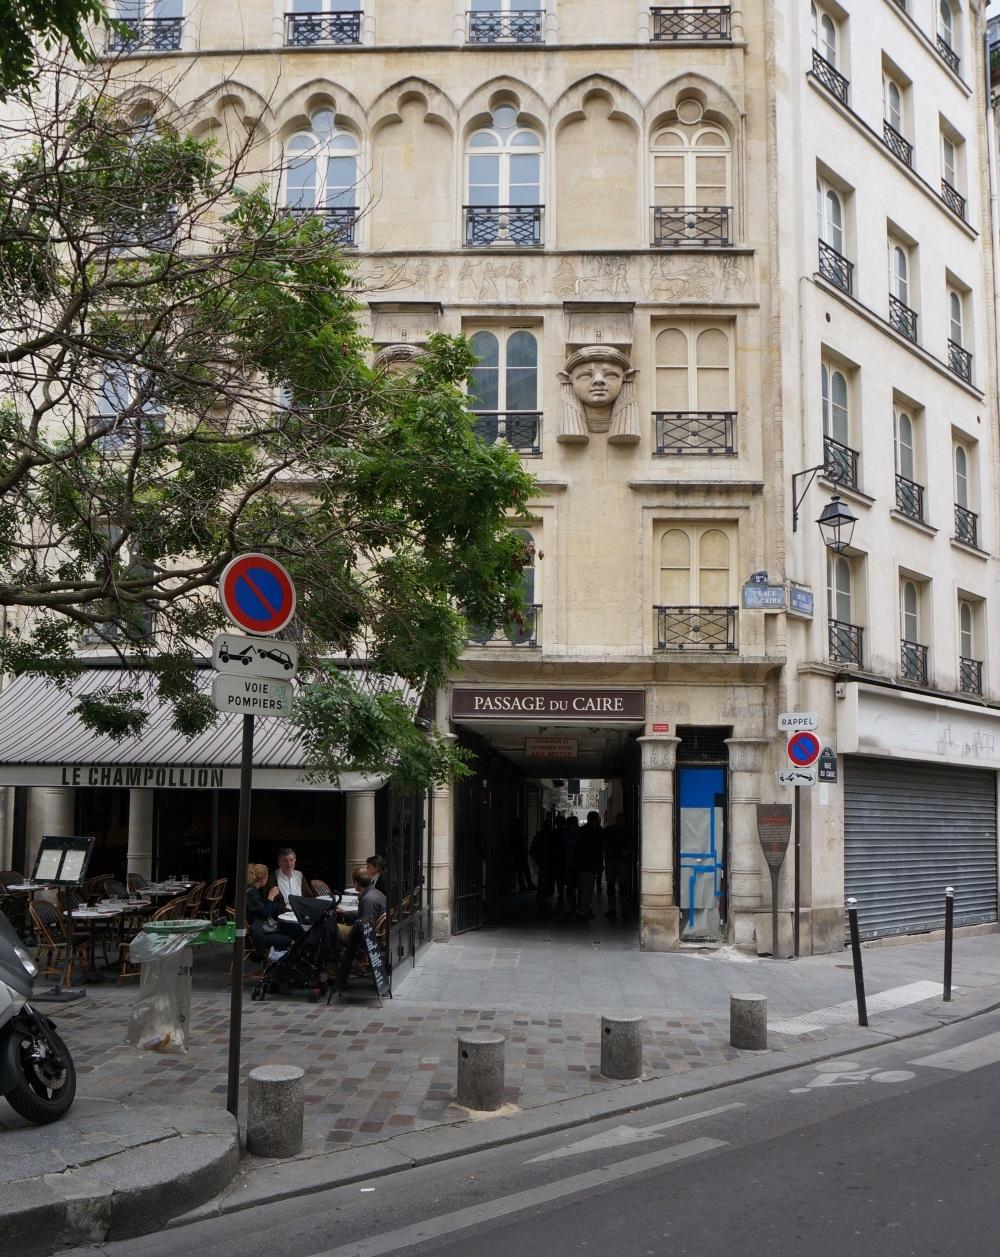 2014, ibidem.xyz ,place du Caire,place du Caire,Paris,France